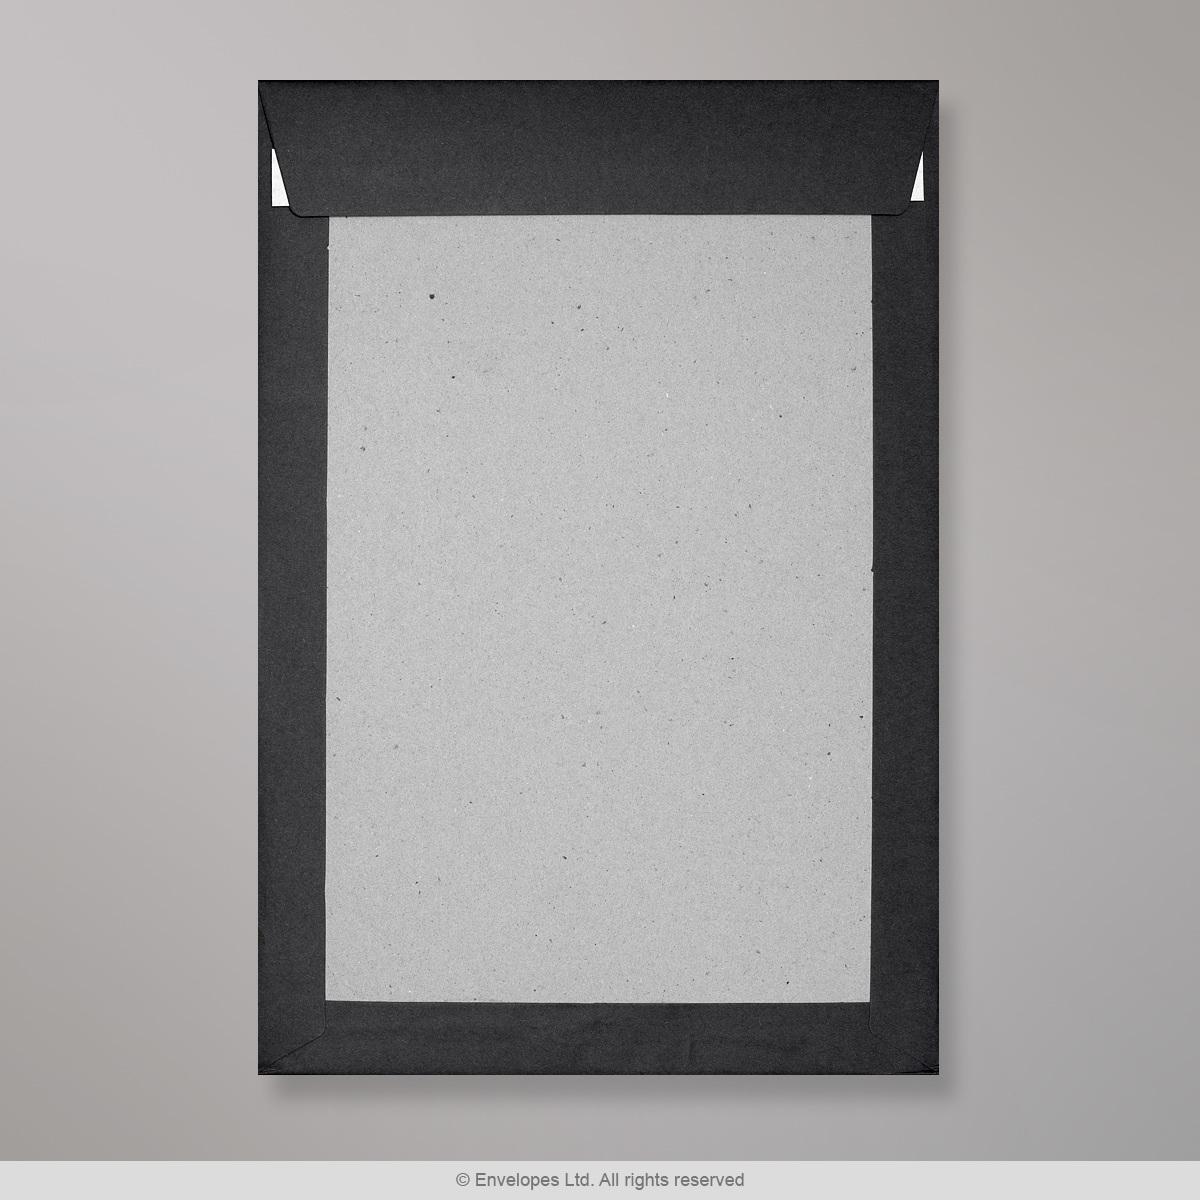 324x229 mm (C4) Busta con dorso rigido nera